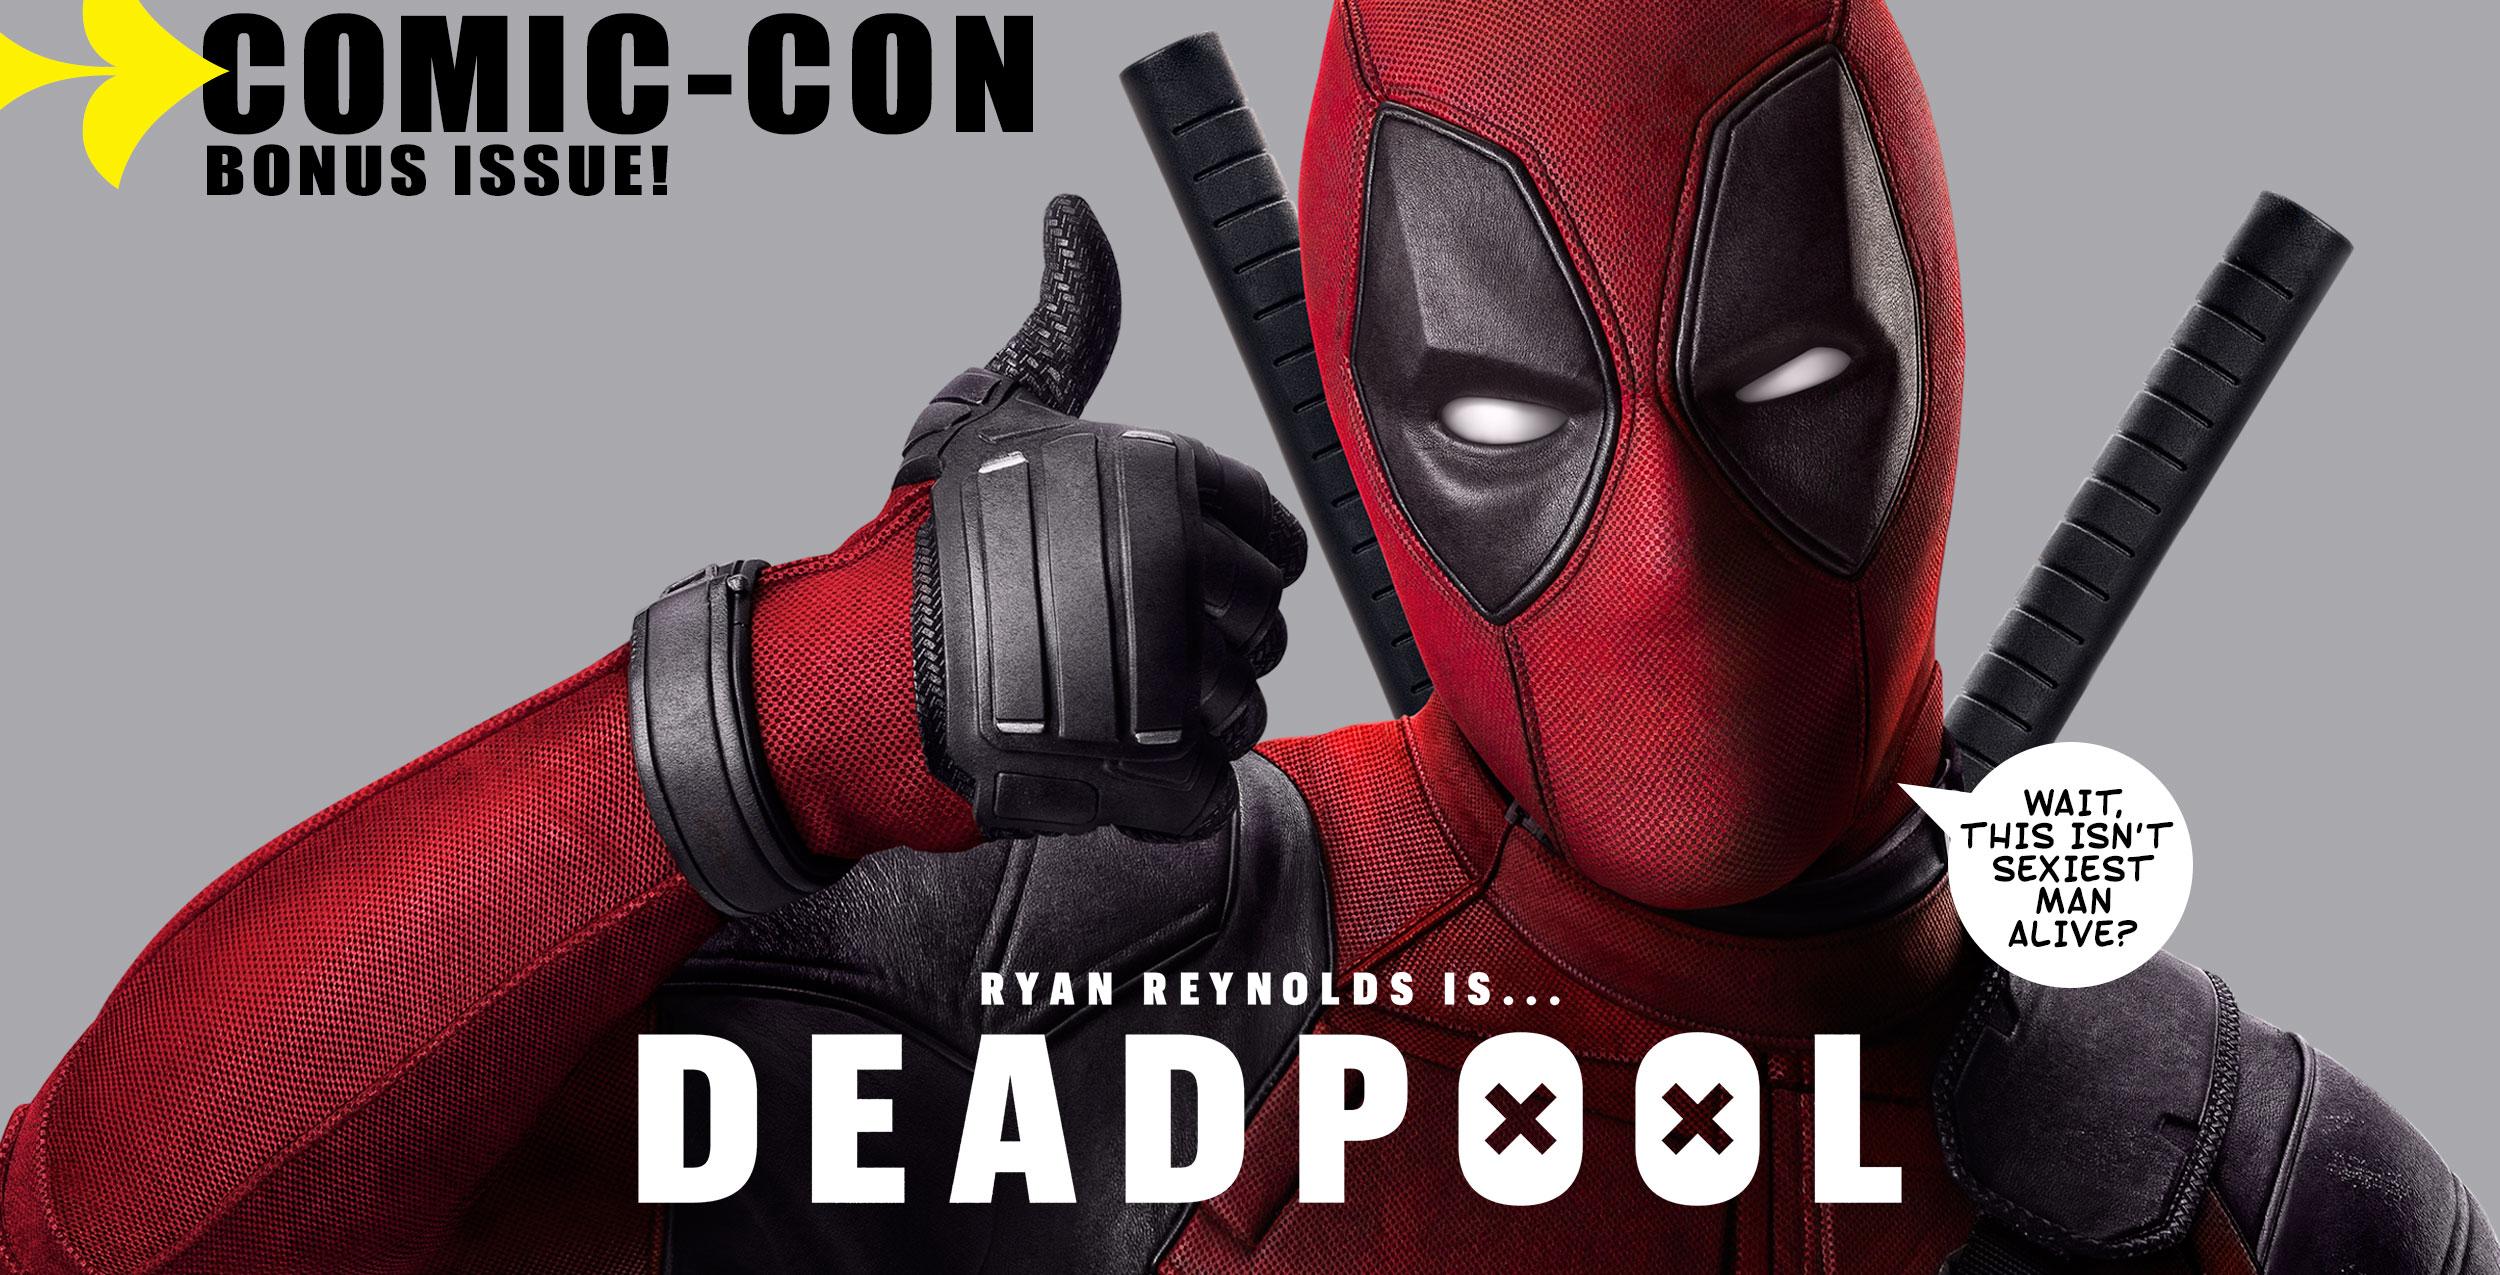 Deadpool | EW Comic - Con Magazine Cover